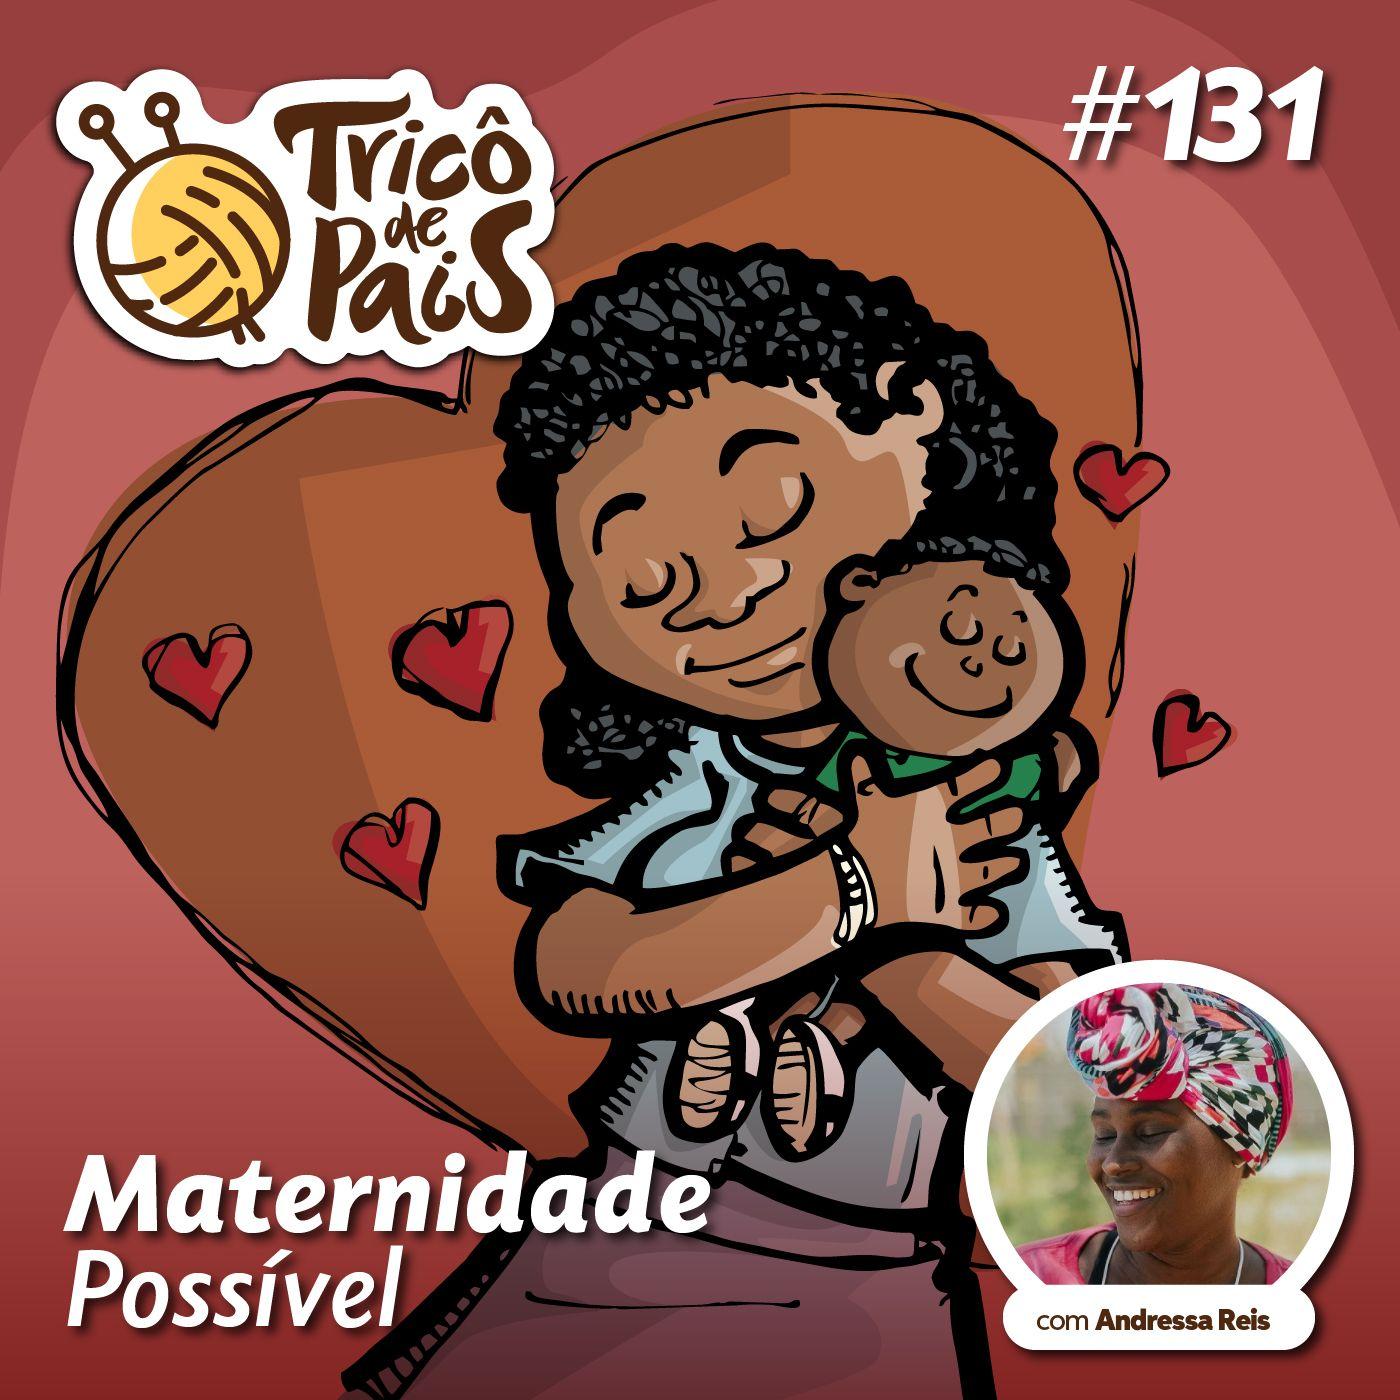 #131 - Maternidade Possível